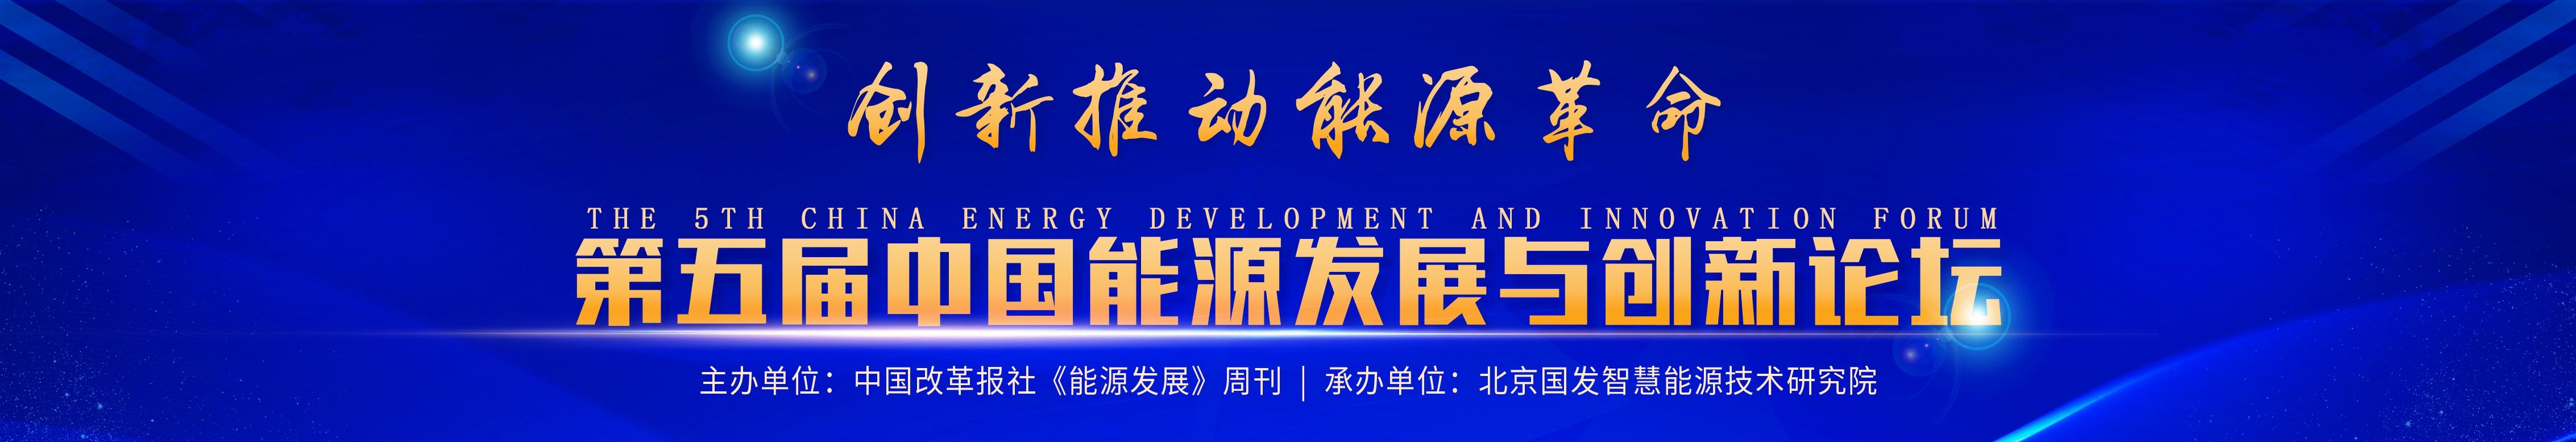 第五届尊龙发展与创新论坛